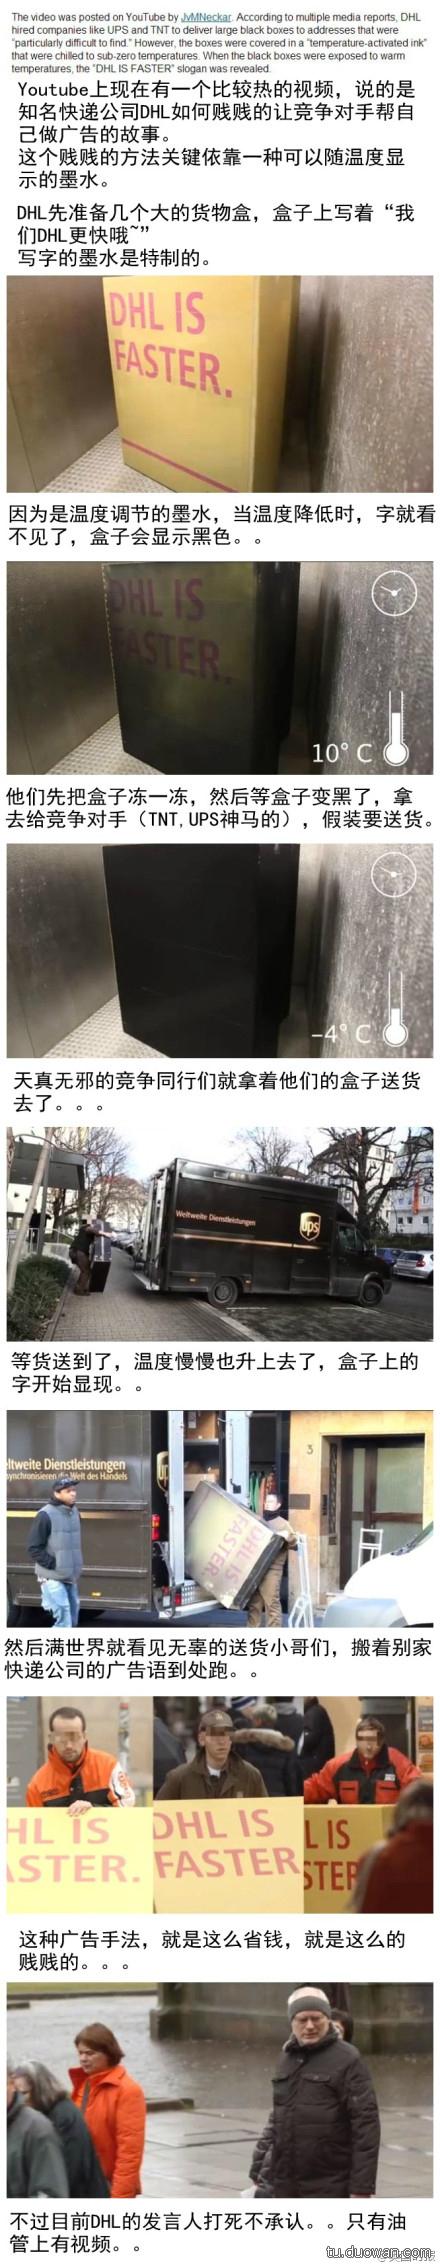 一个关于国际知名快递公司DHL如何让竞争对手帮自己做广告的故事,太贱啦!